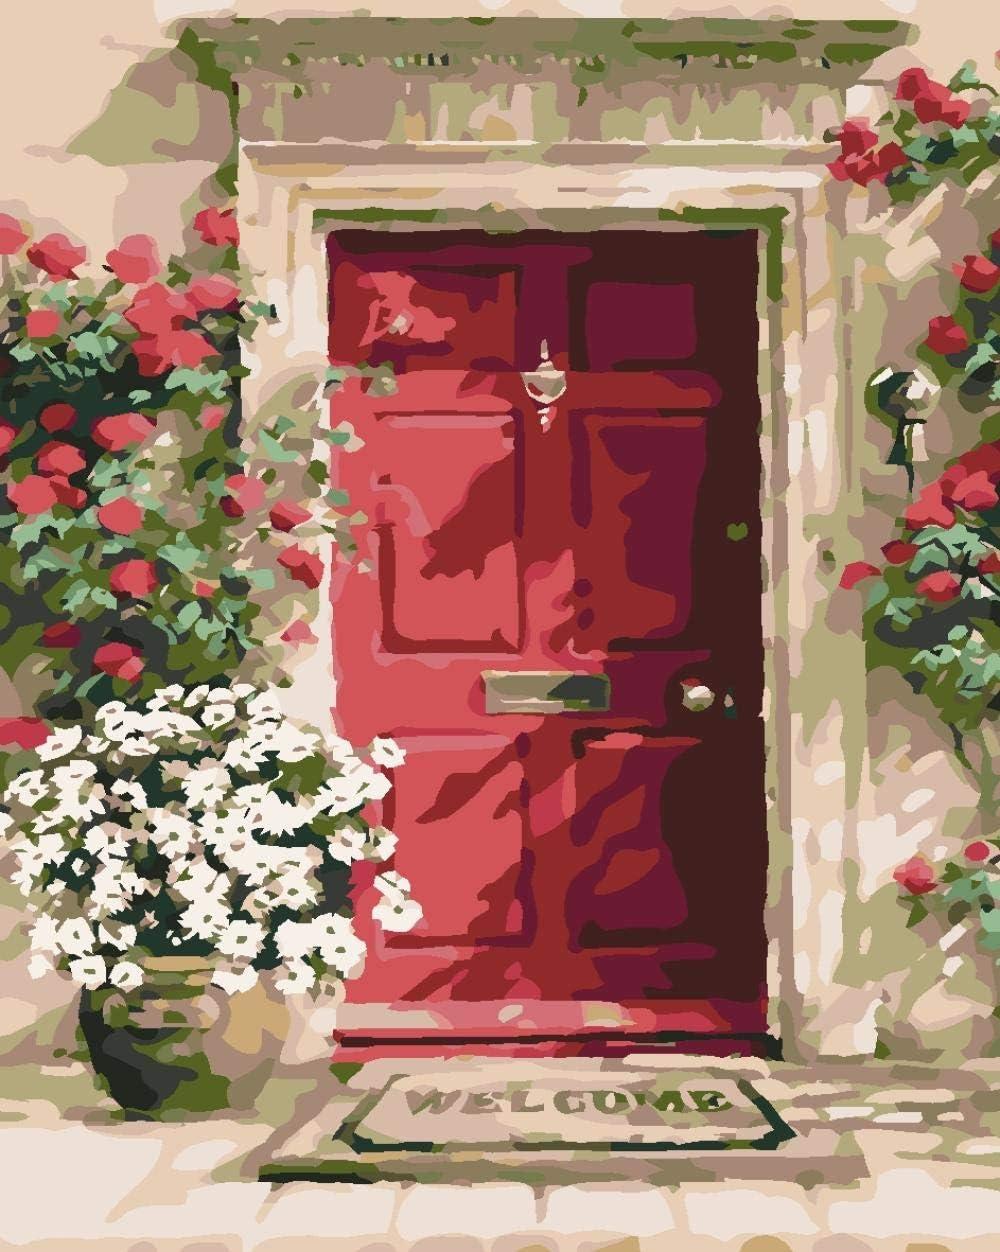 Iejsgfj Pintura por Números para Adultos niños 40x50cm Puerta roja Flor DIY Pinte por Number Kit Sin Marco Bricolaje Pintura al óleo Regalo Ocio la Lona Mural Decoraciones hogar